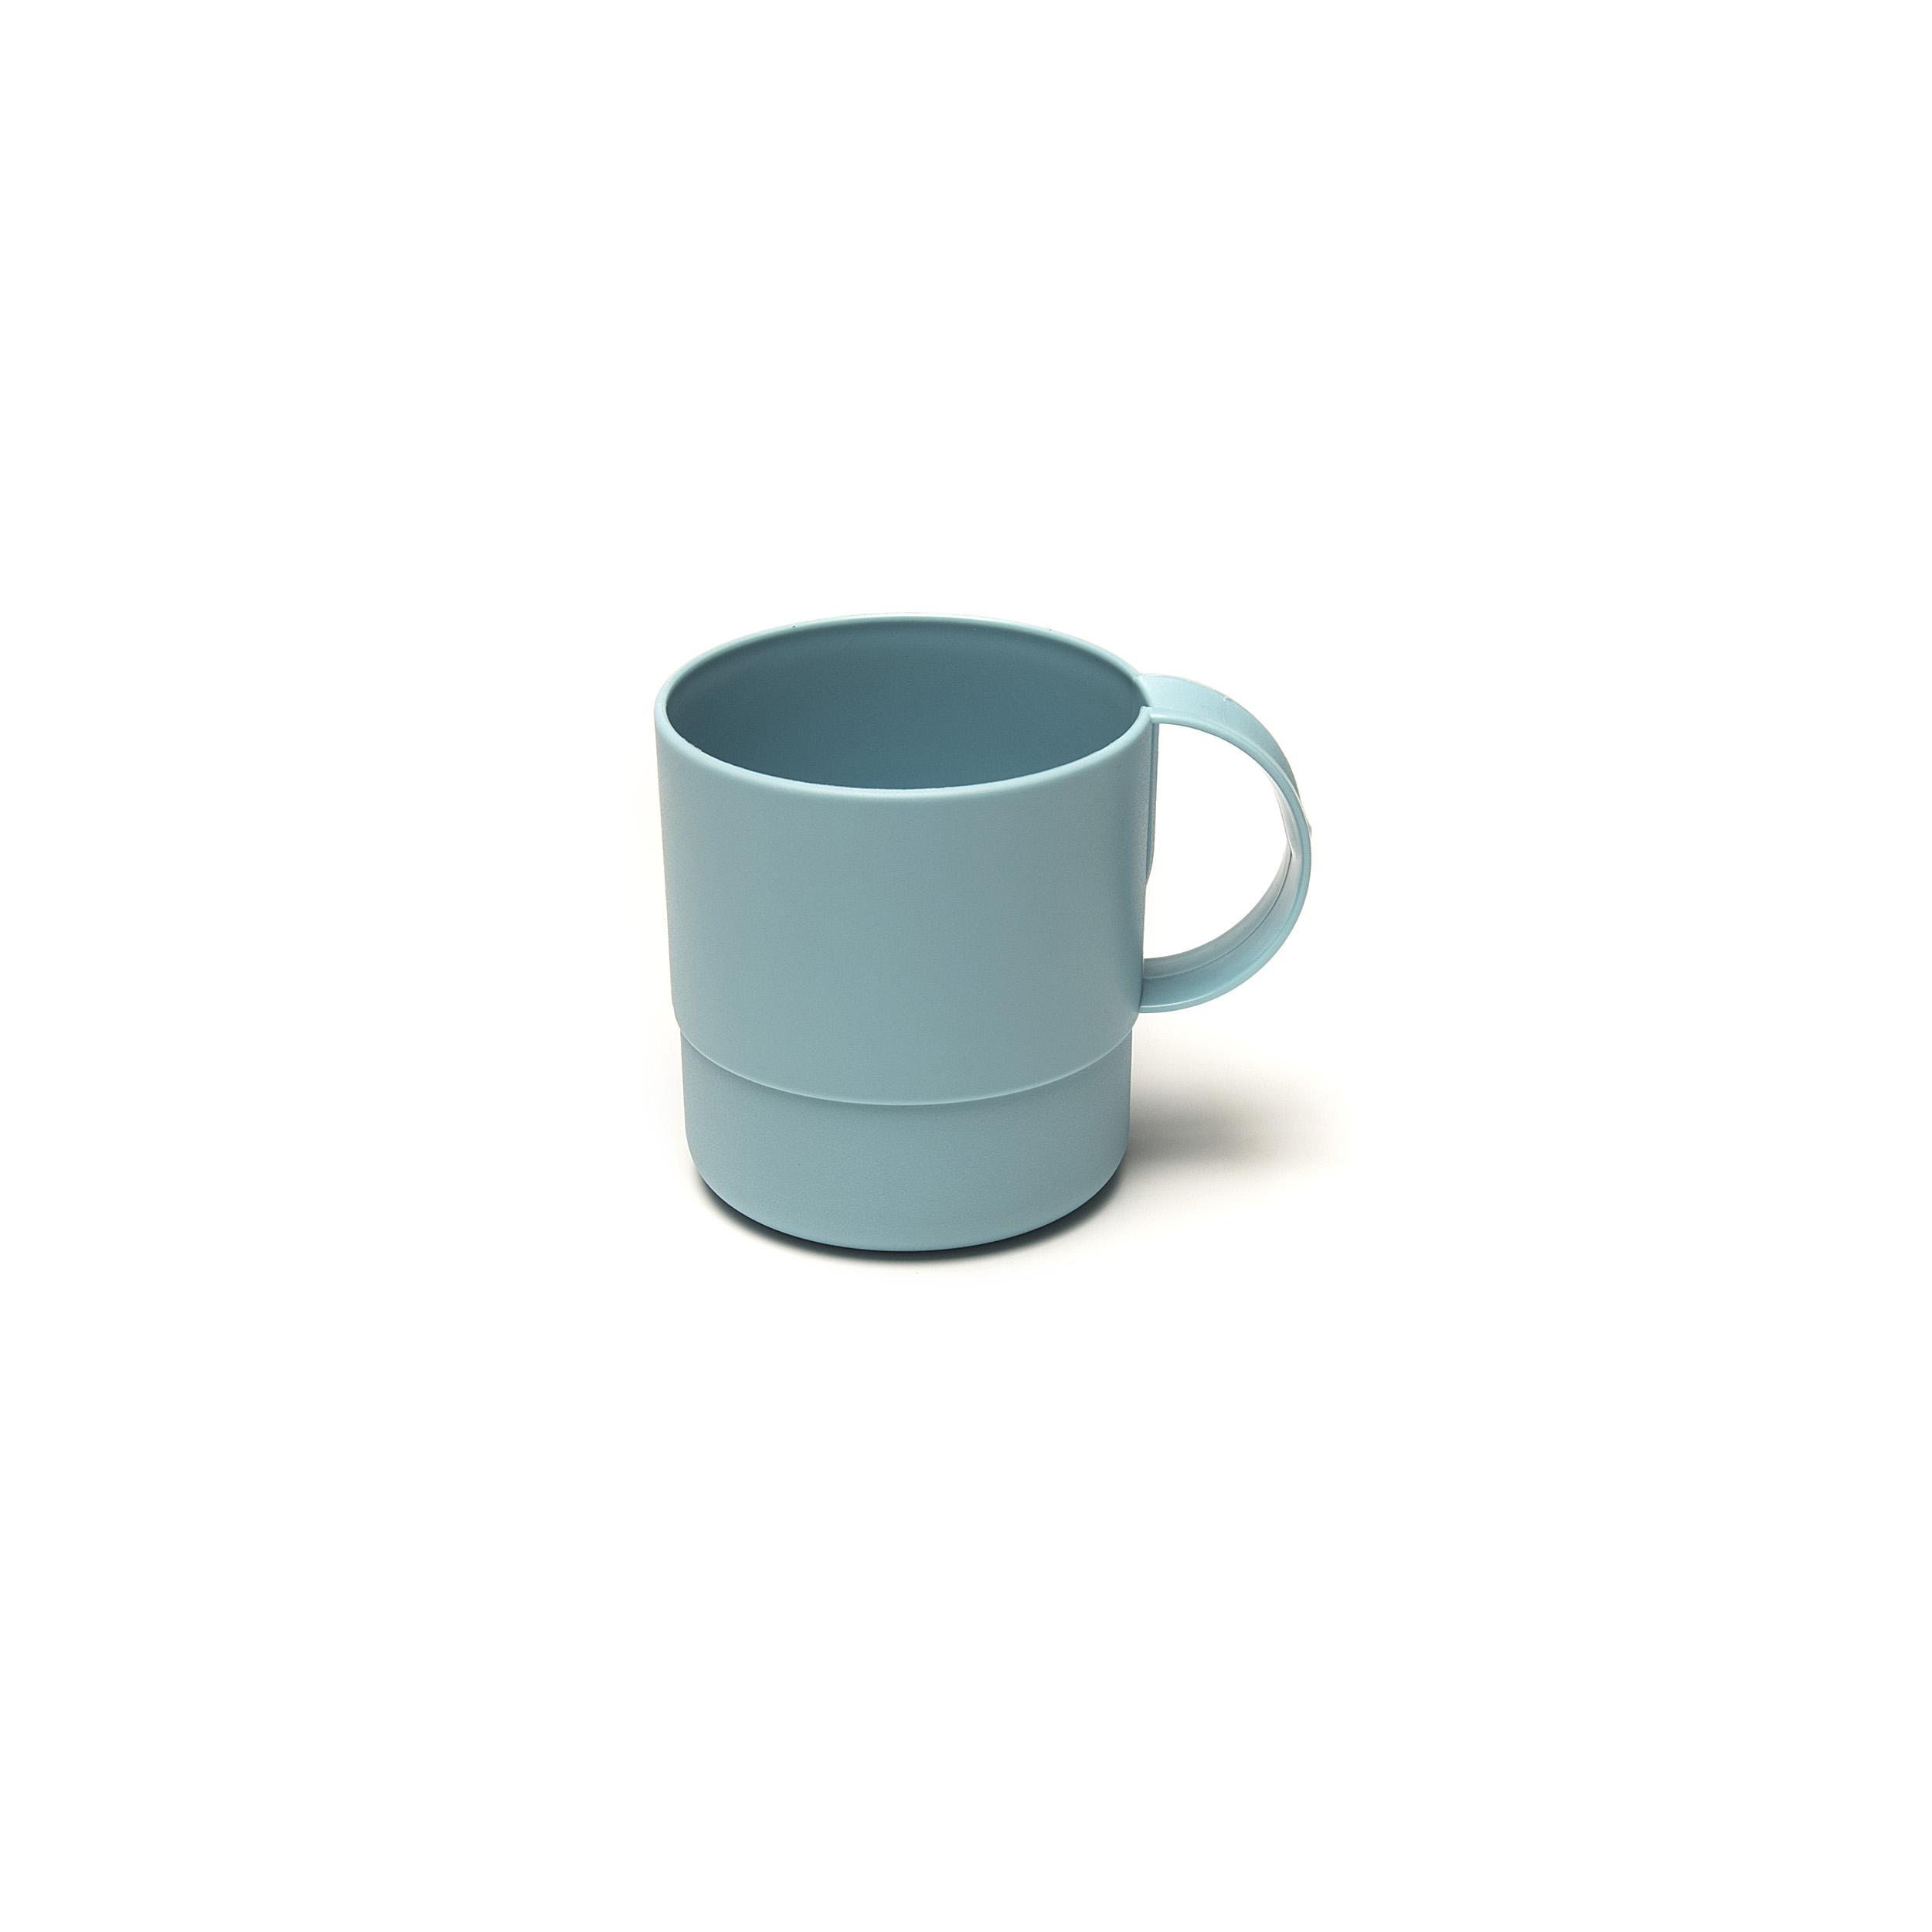 Mug - 325ml